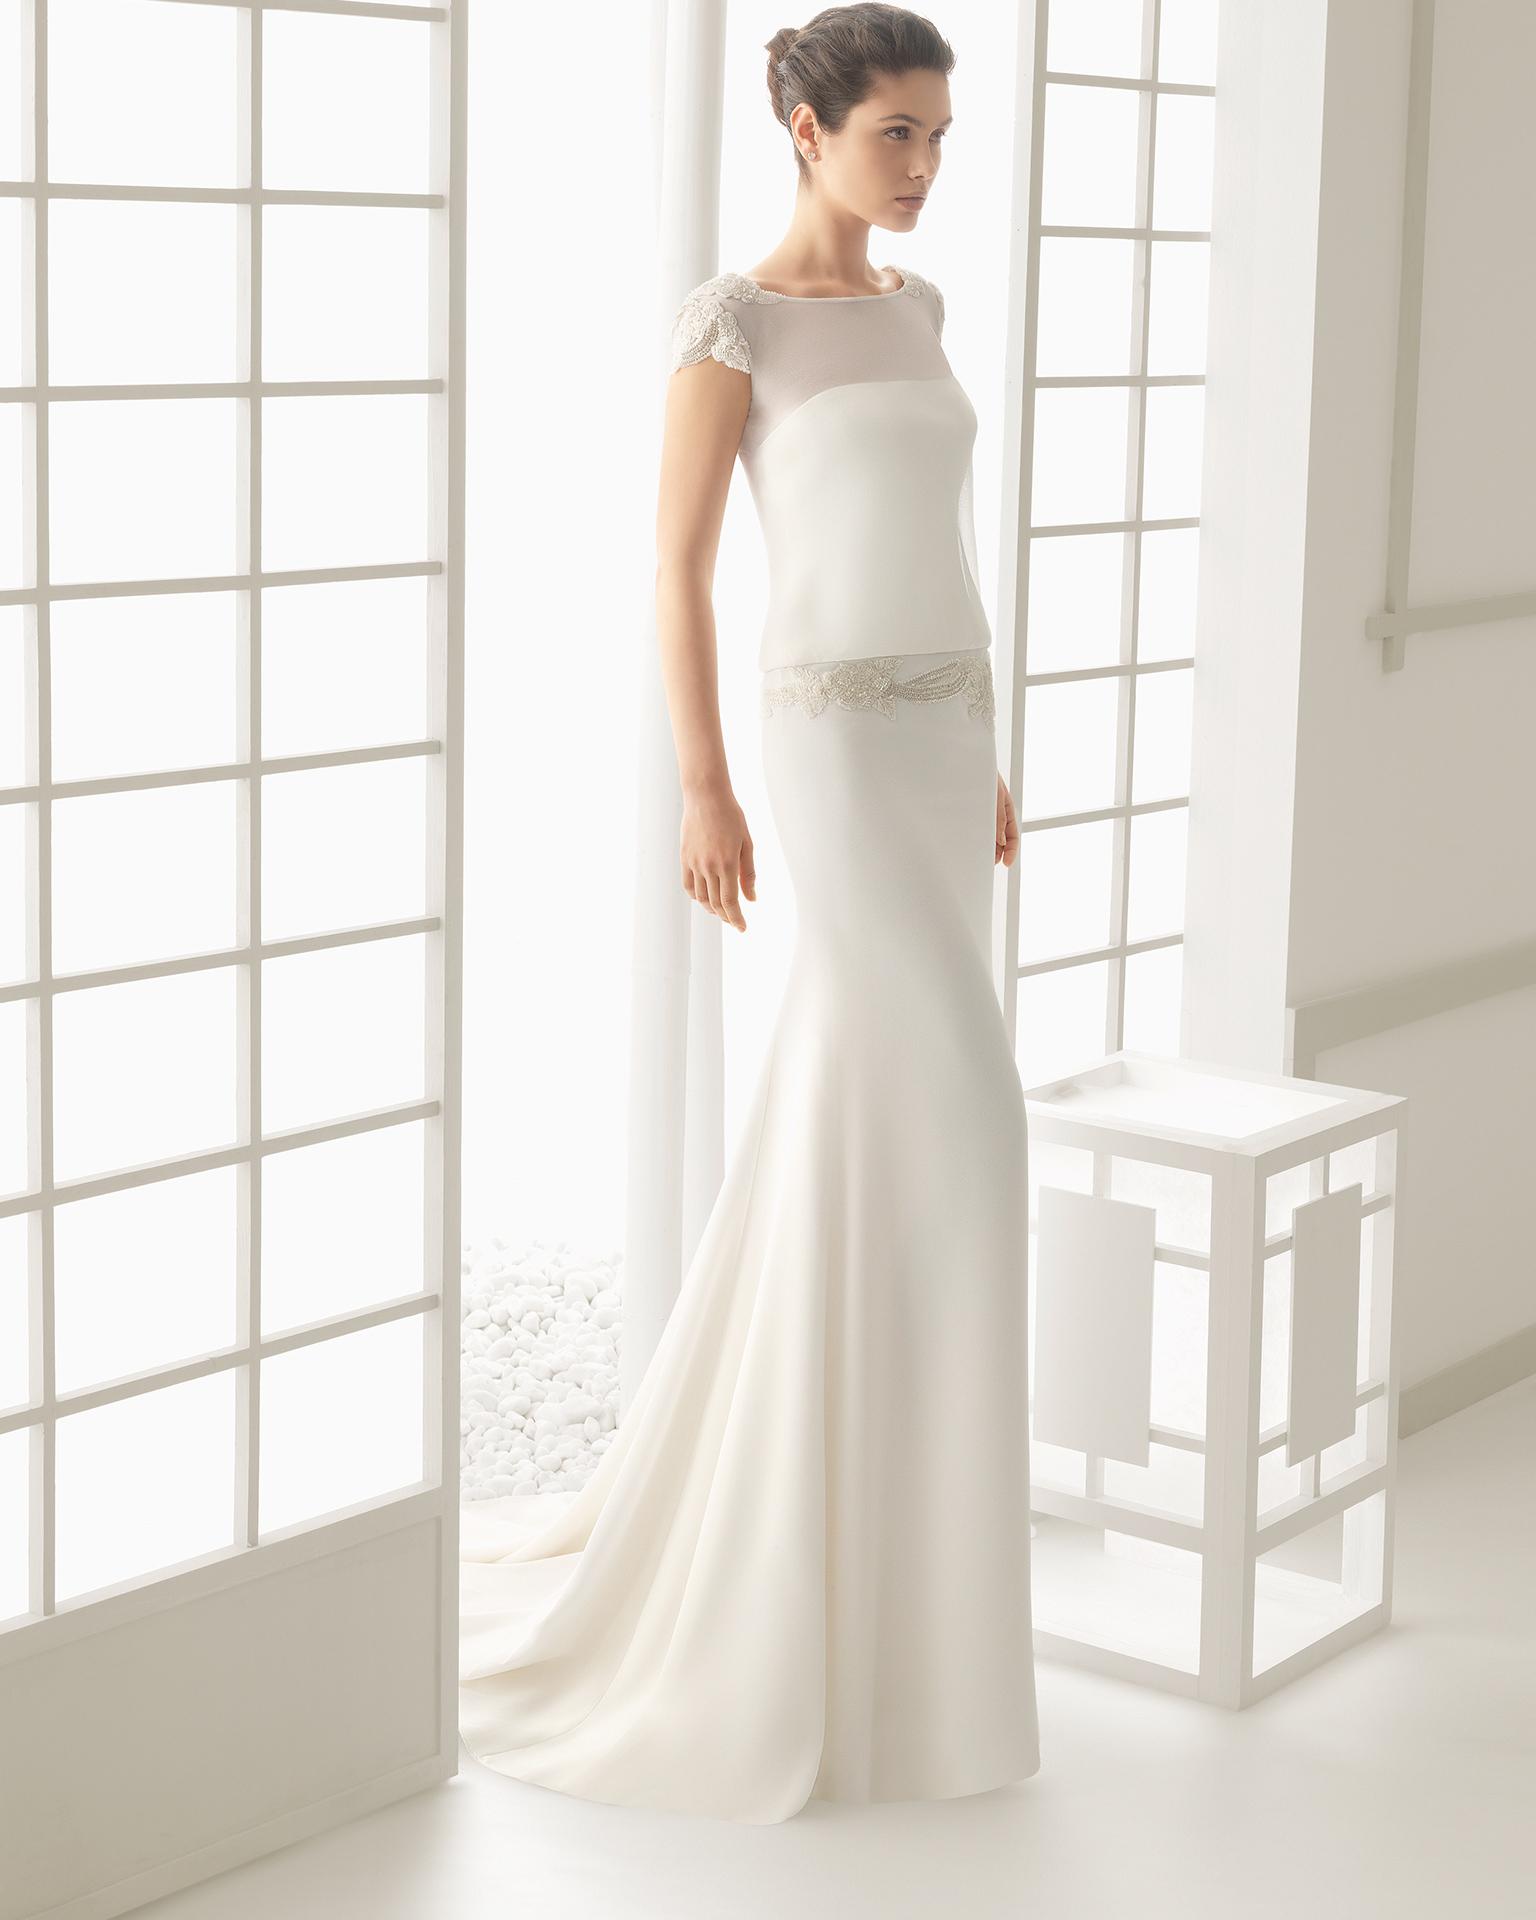 7d50136d4199 Vestito da sposa scivolato con maniche corte 2016 Rosa Clara mod Diseno